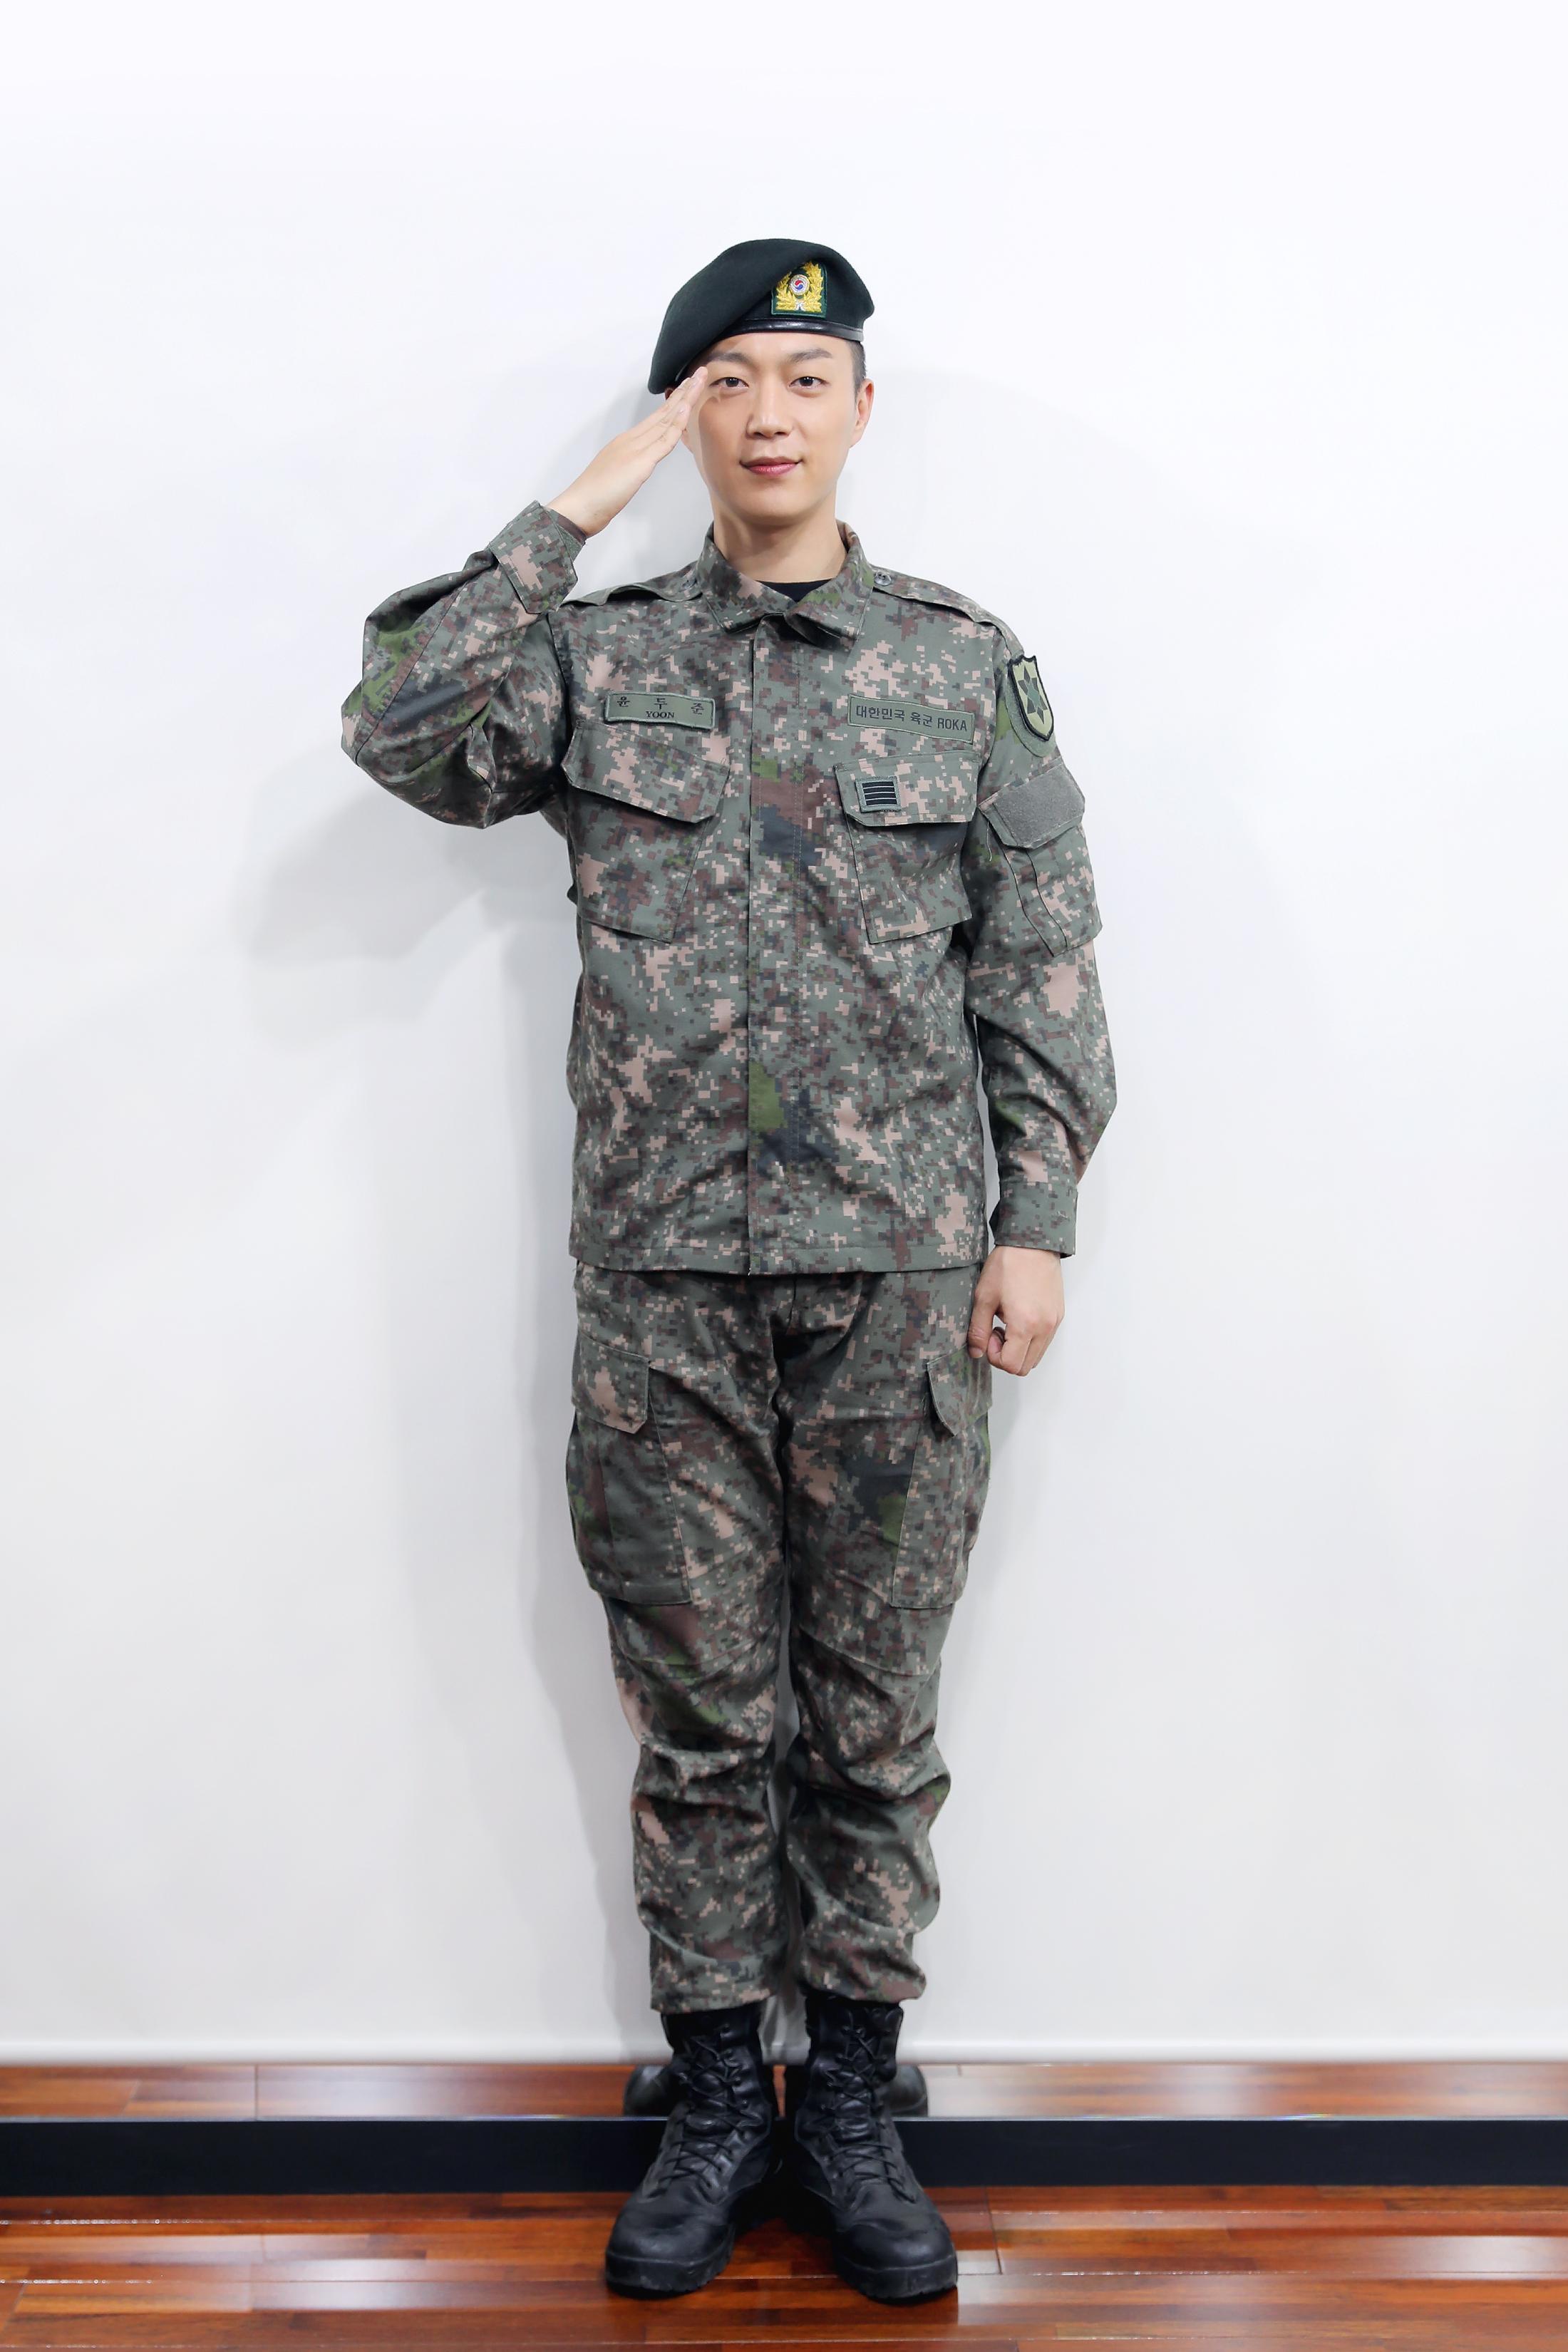 """윤두준, 오늘(10일) 육군 만기 전역… """"다사다난했지만, 정신적 성장할 수 있던 좋은 시간"""""""